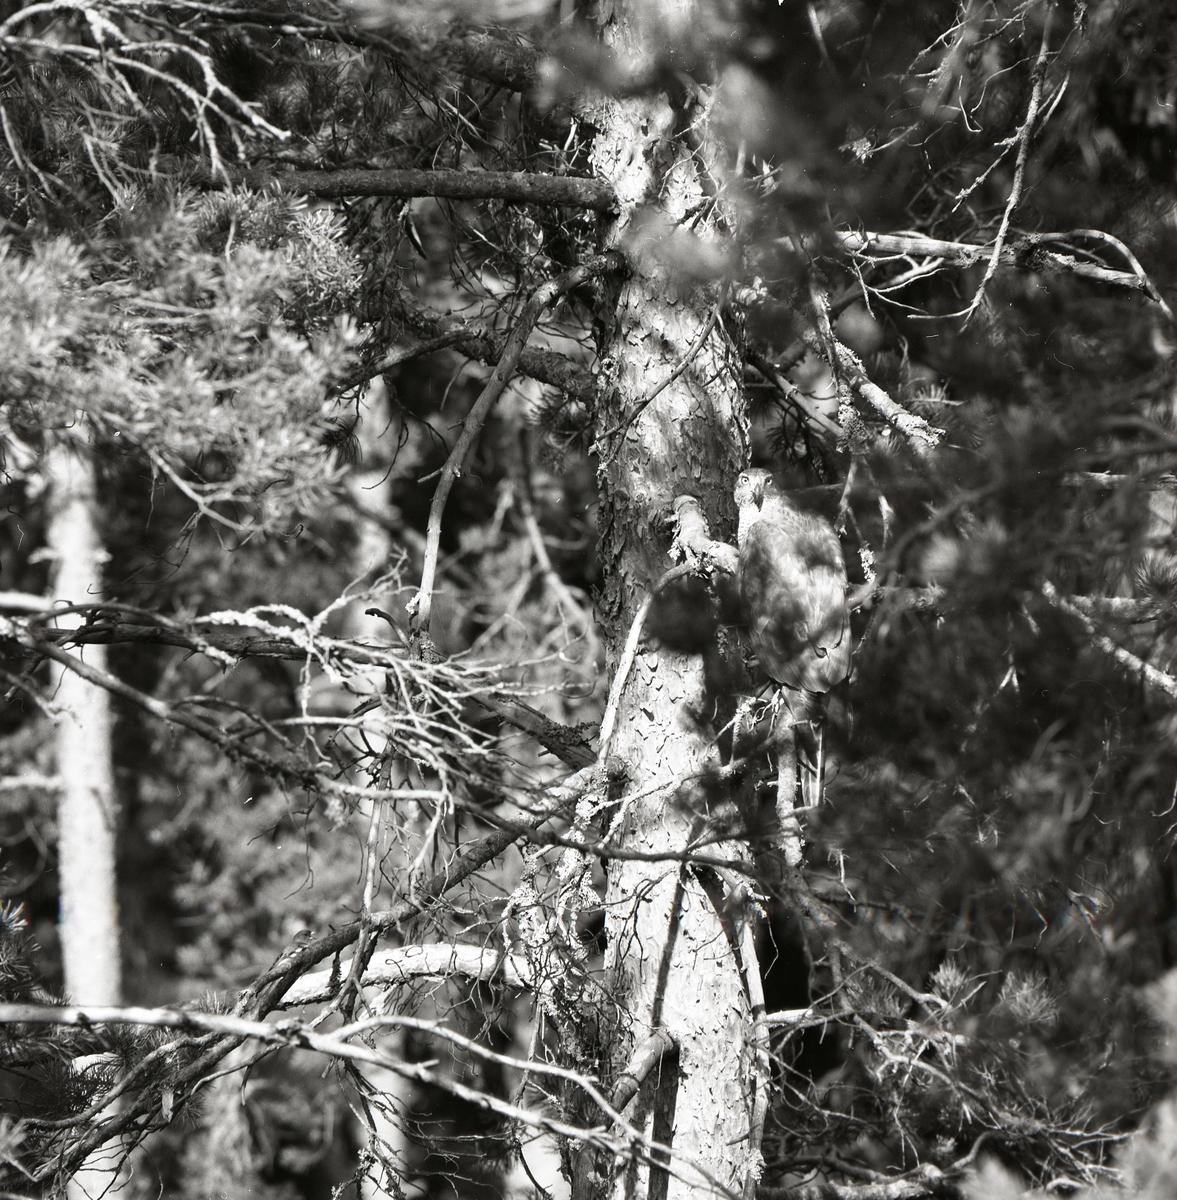 En fågel sitter på en gren högt upp i ett träd.